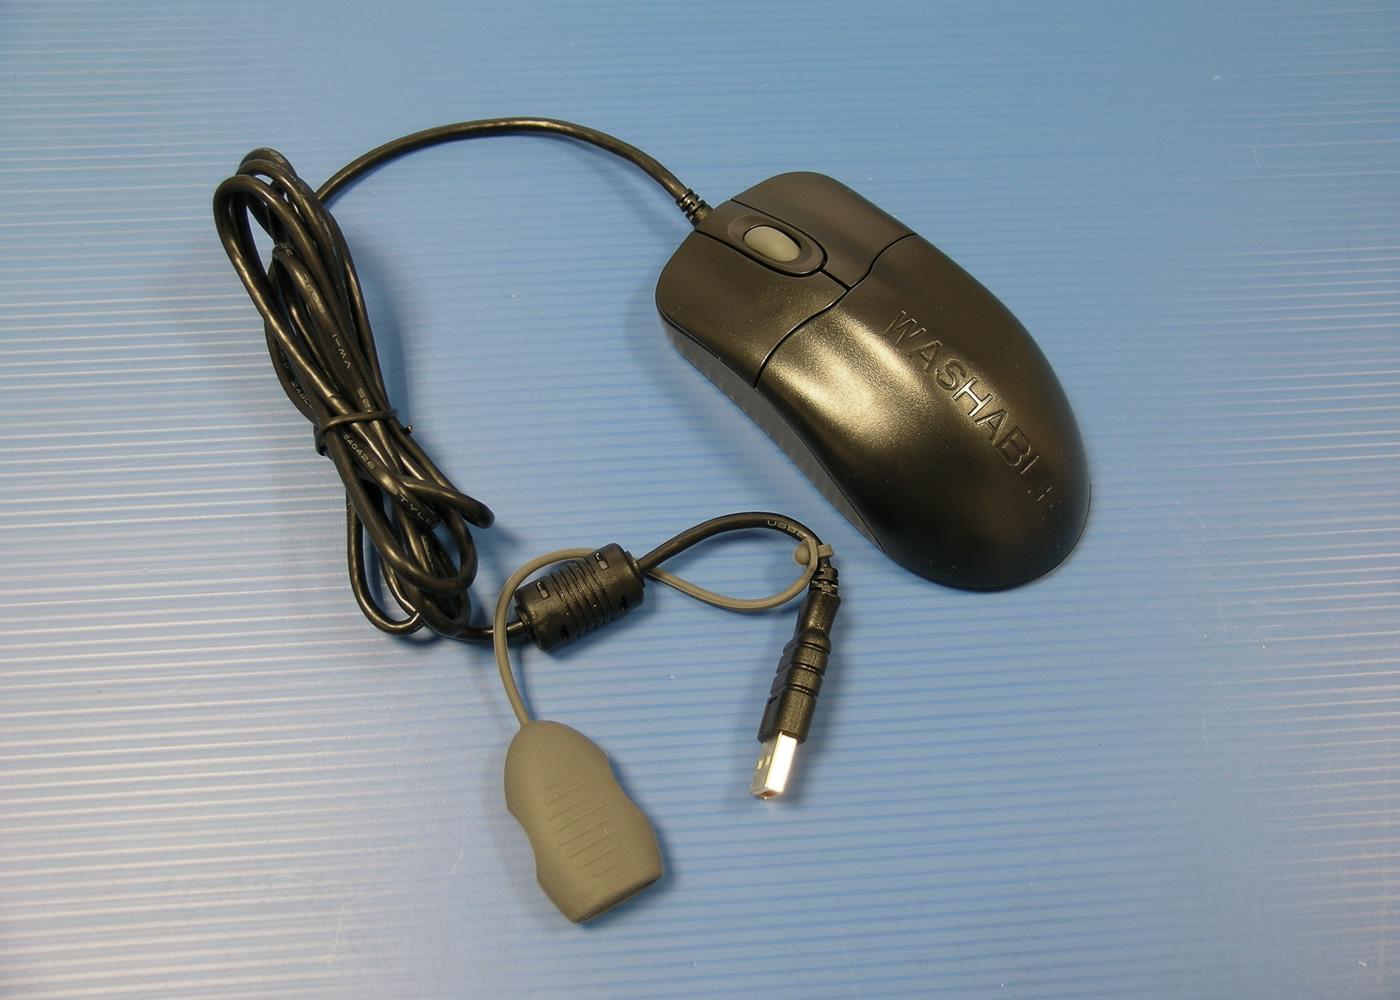 Souris médicale optique nettoyable noire antibactérienne – Connecteur USB avec bouchon étanche